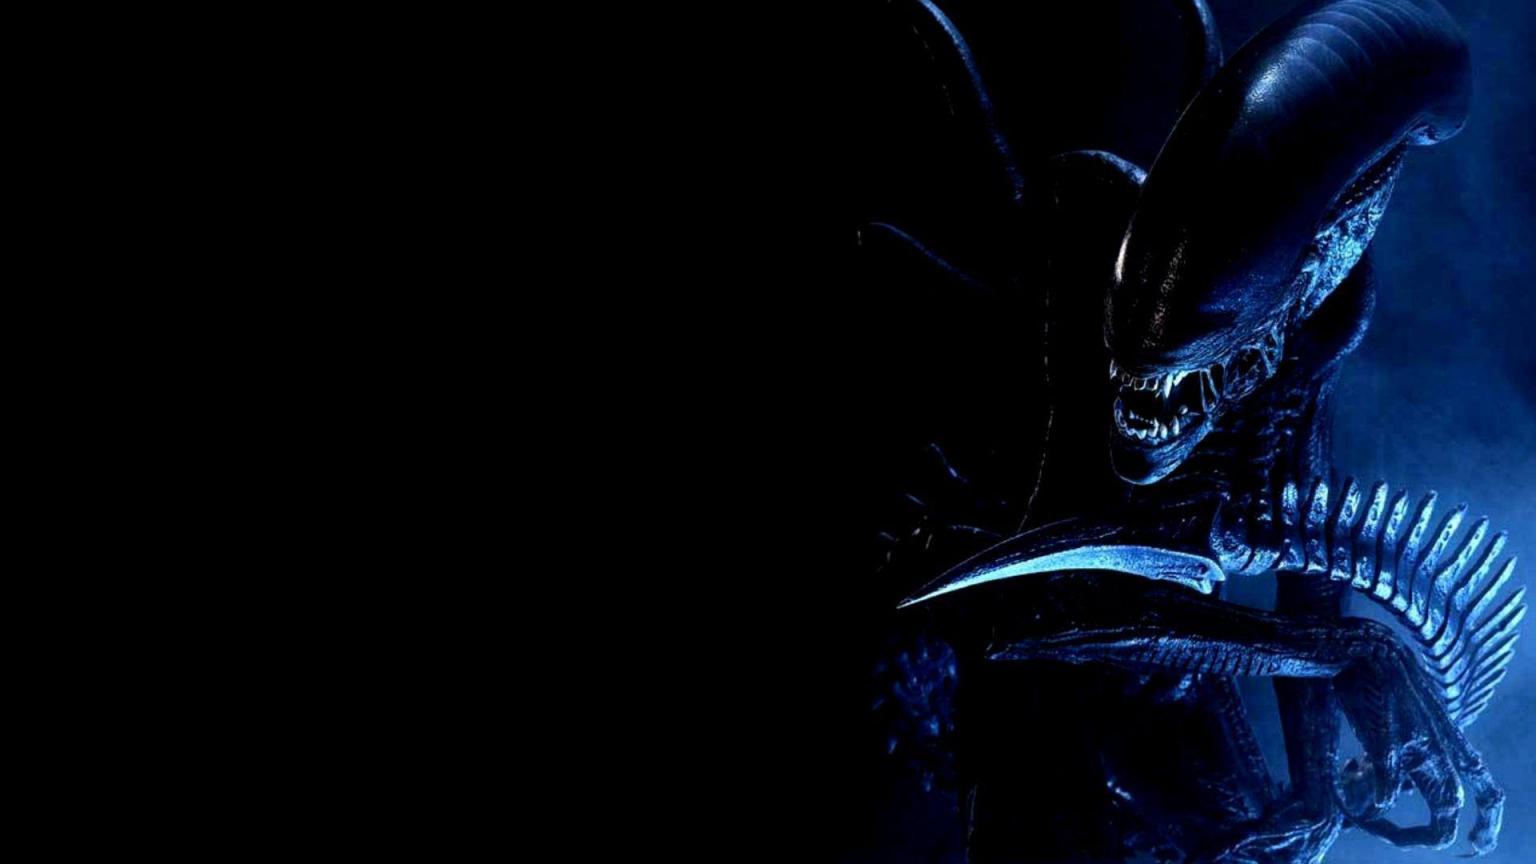 download Alien Wallpapers [1920x1080] for your Desktop 1536x864